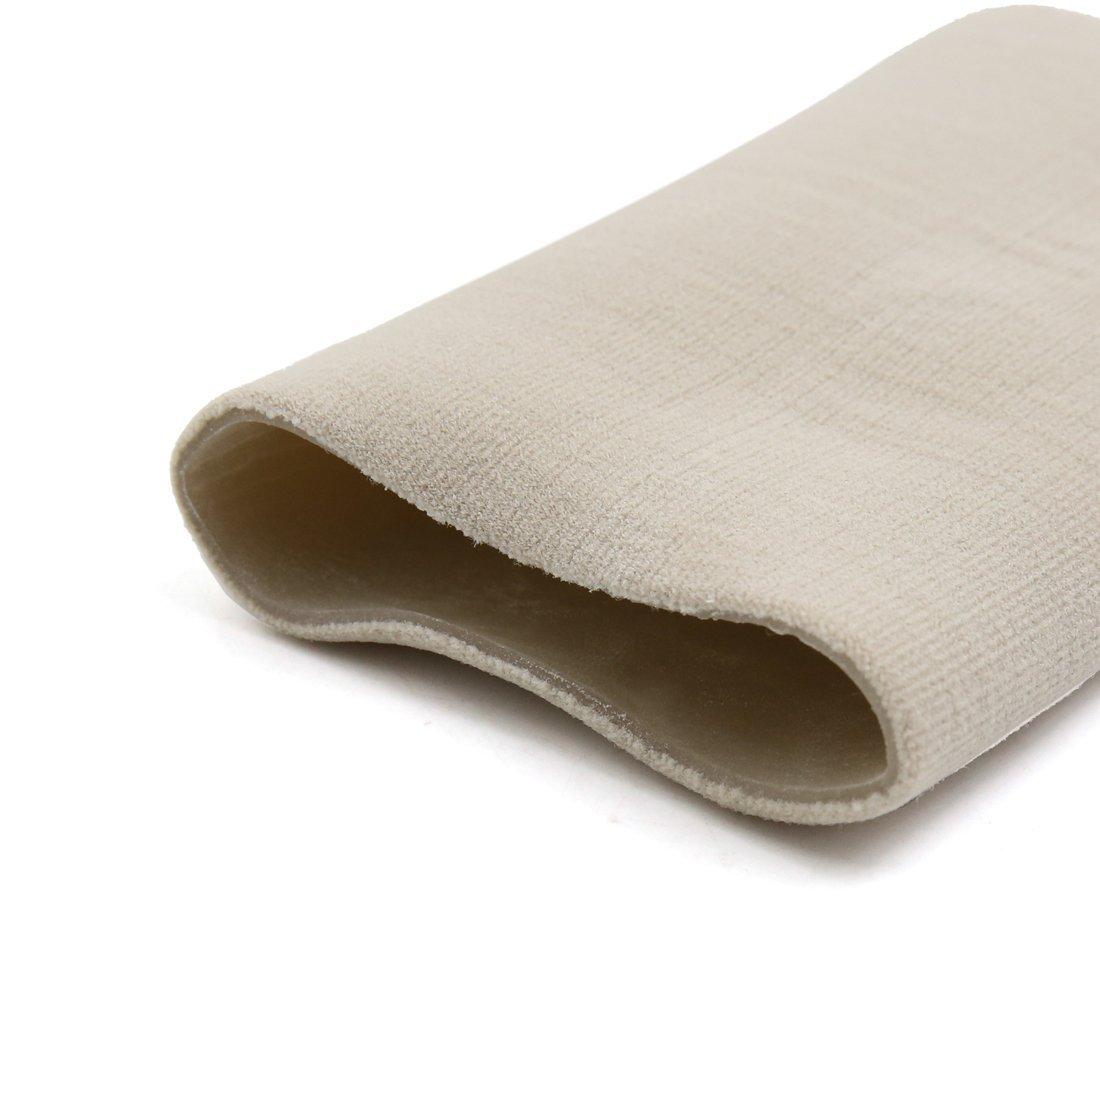 Amazon.com: eDealMax 1 par Beige Un tamaño de la guarnición de silicona Soporte fascitis Plantar Terapia Wrap Arco del tobillo: Health & Personal Care